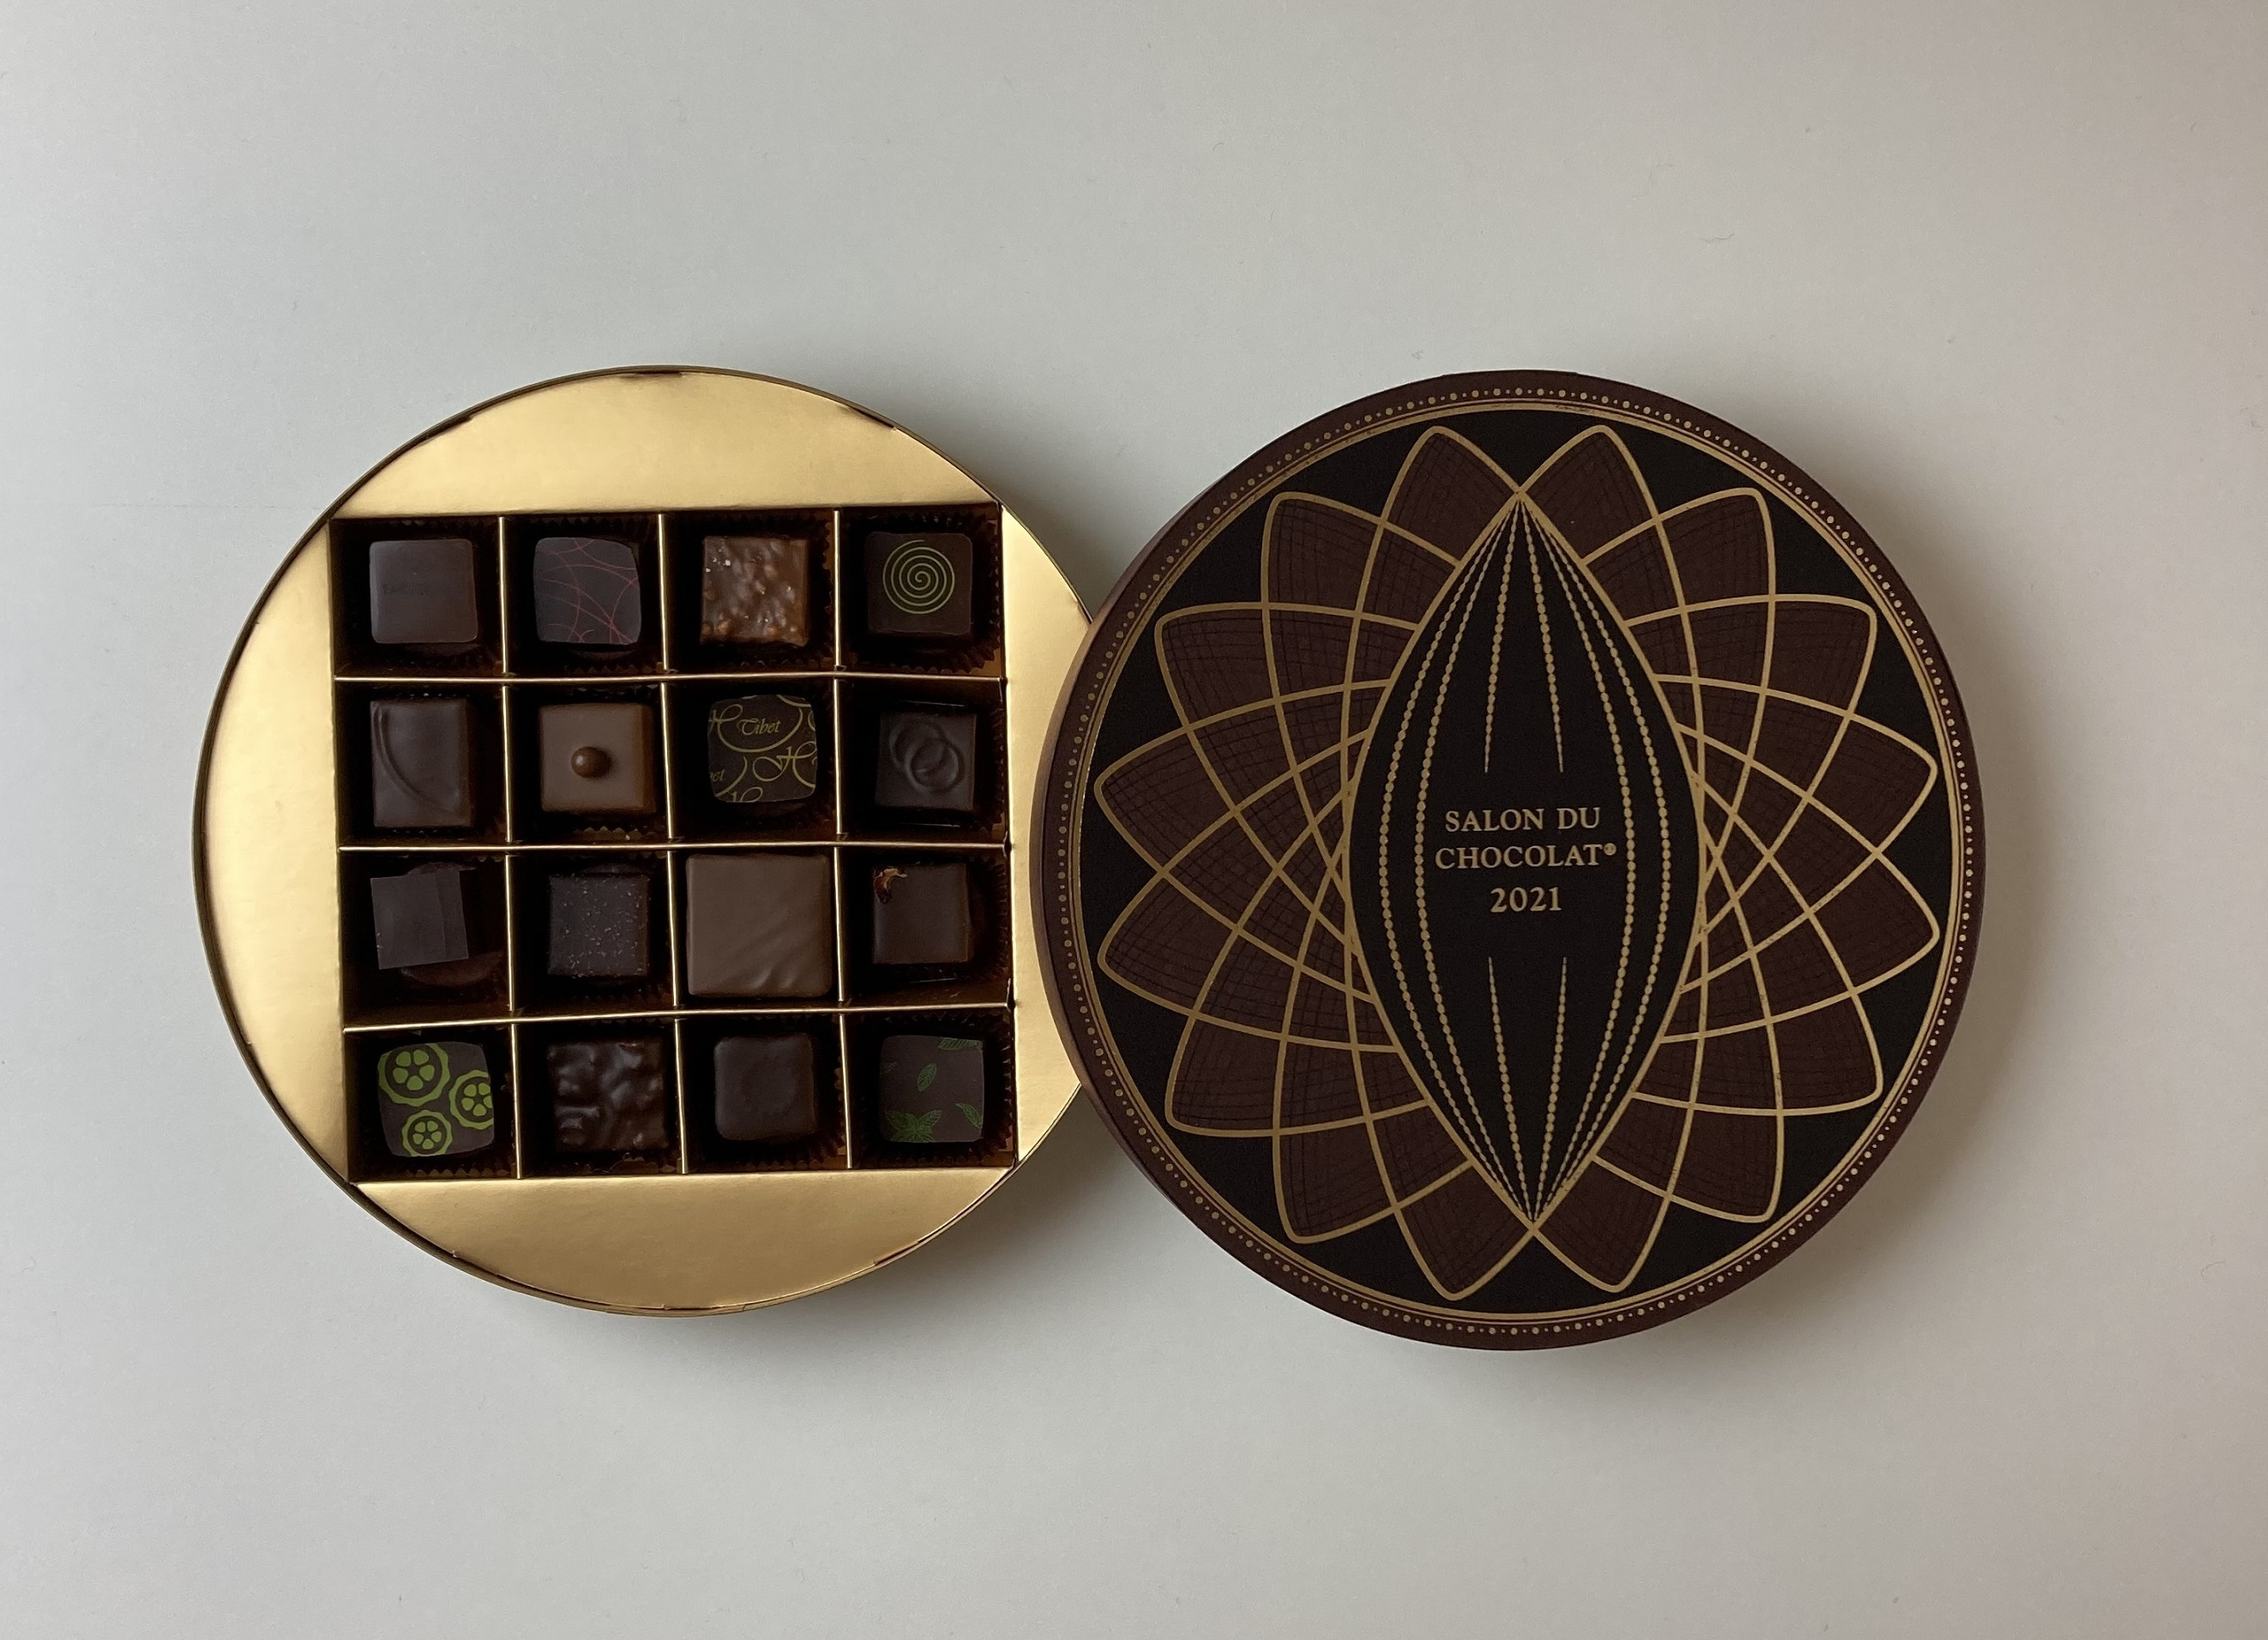 毎年にぎわうチョコレートの祭典、今年はオンラインでも開催